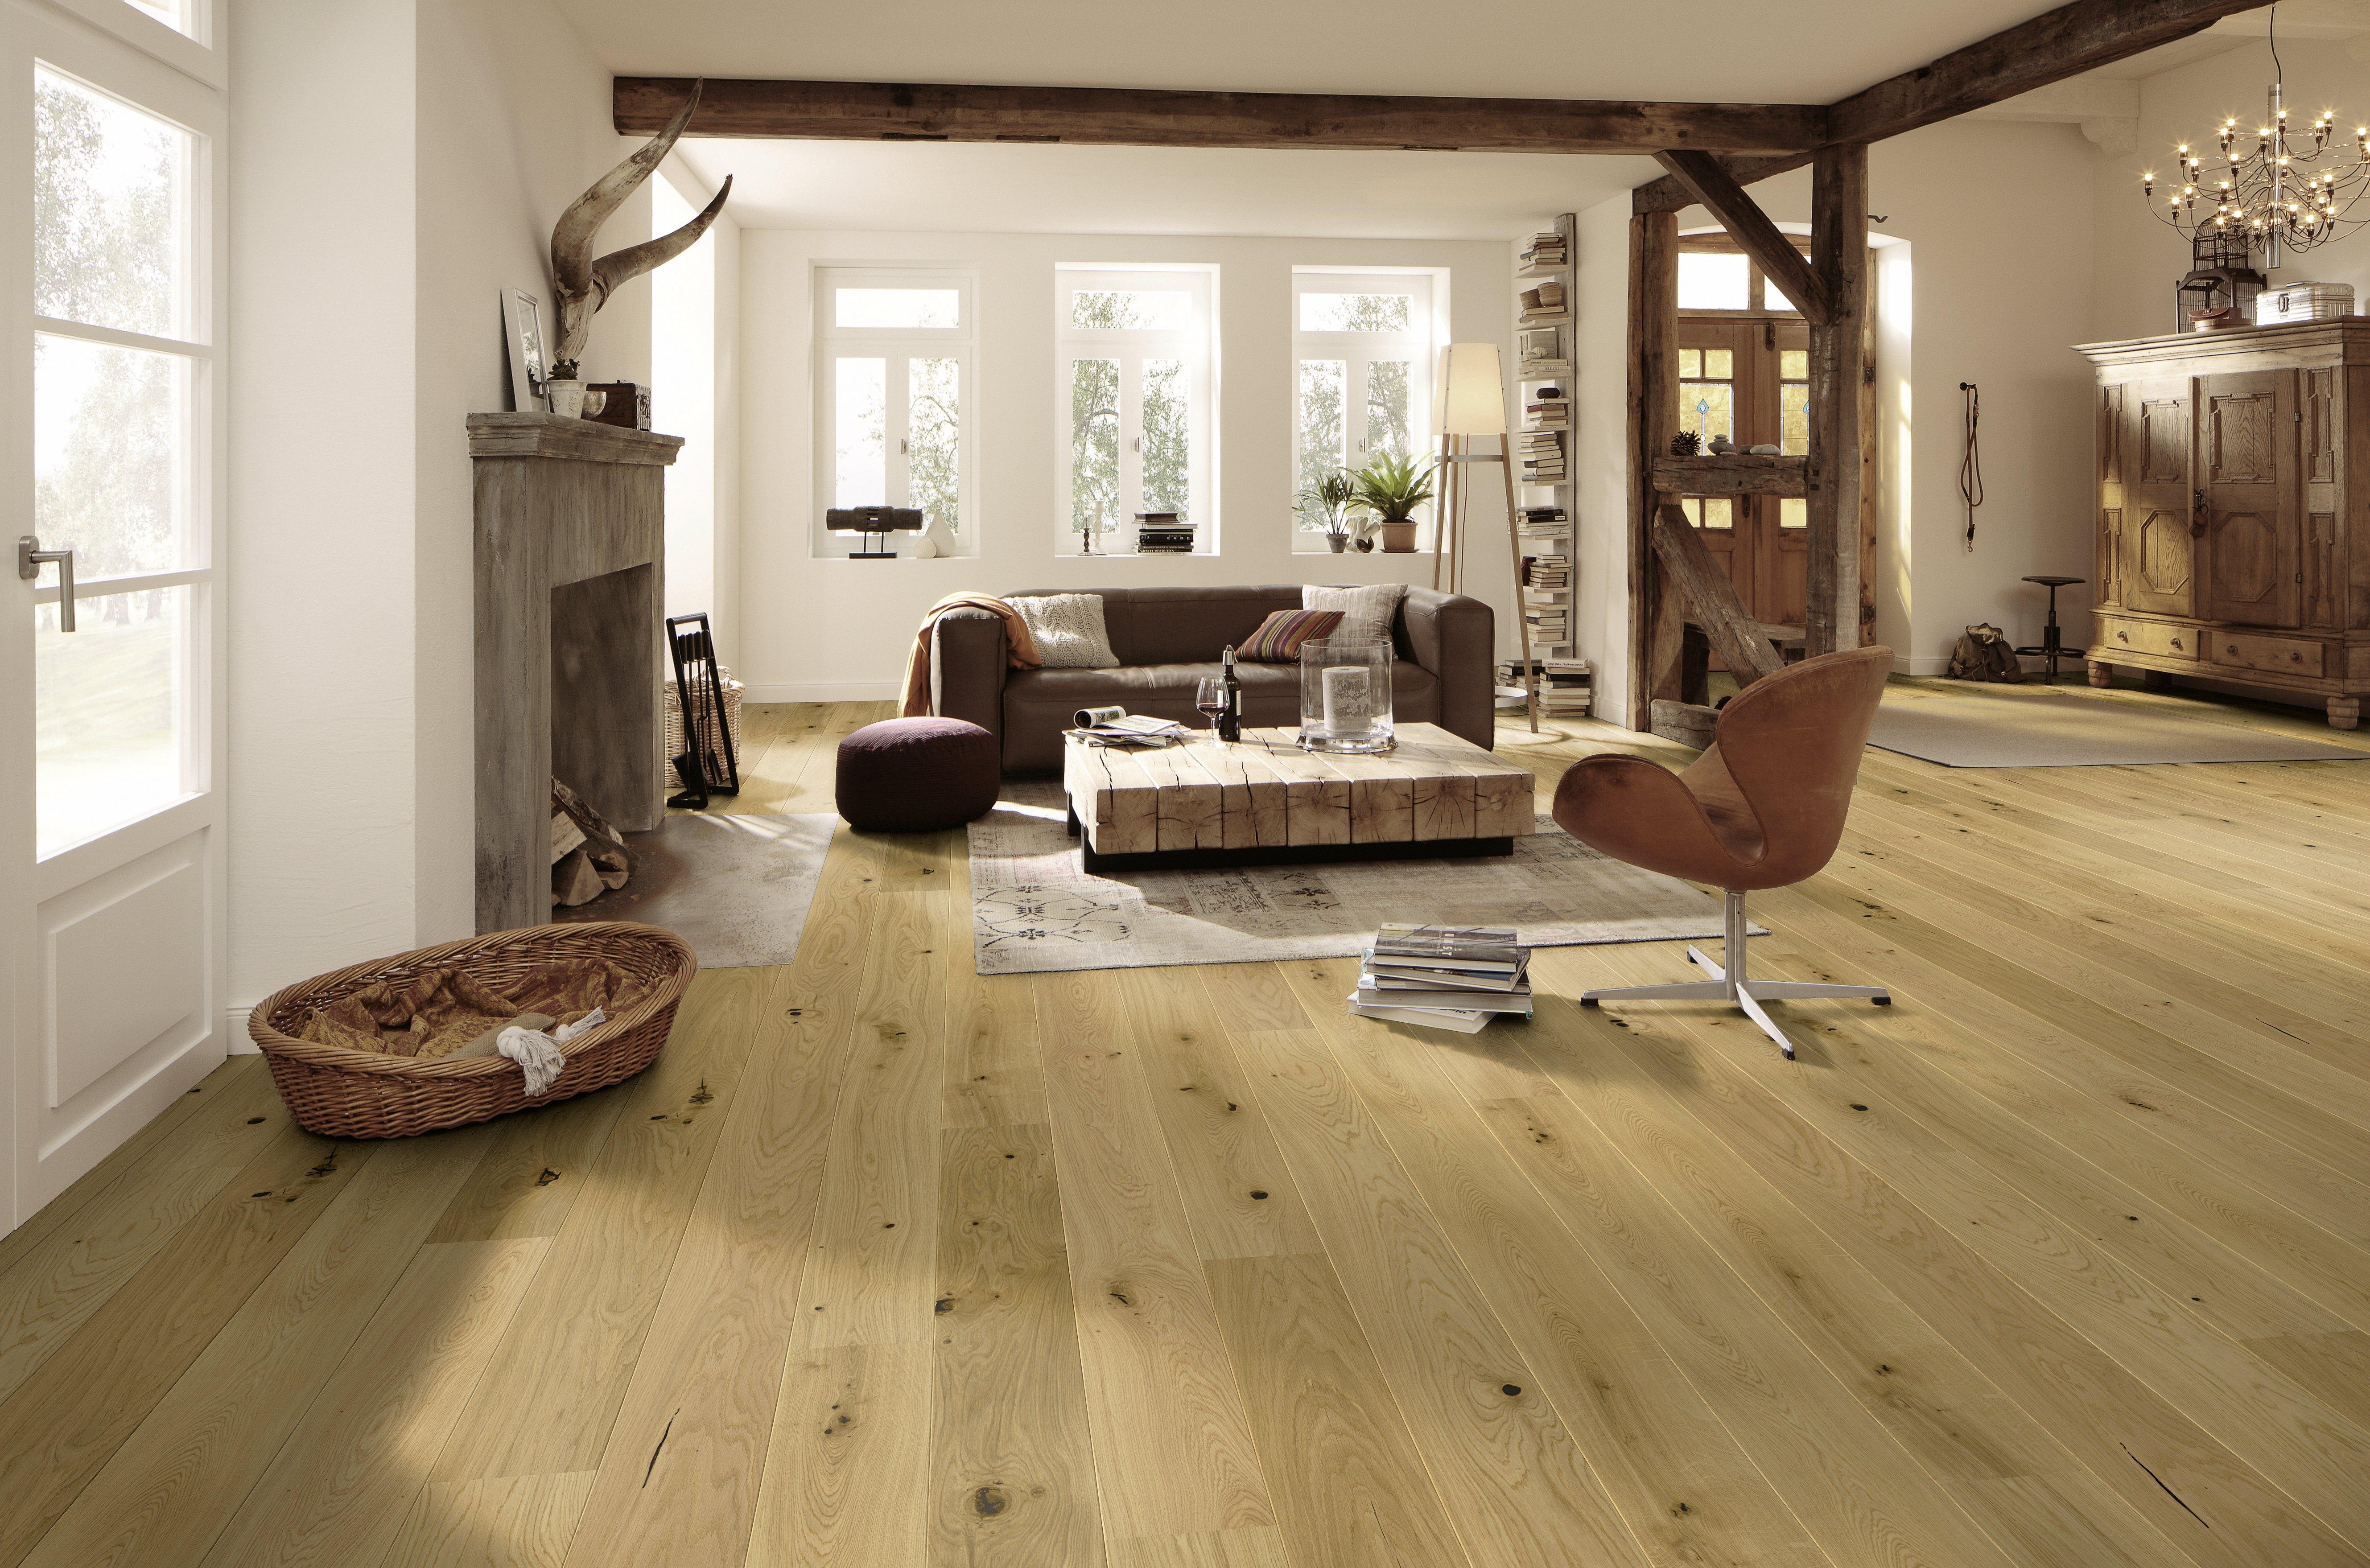 Fußboden Qualität ~ Parkett und fußbodentechnik meisterbetrieb schönsteiner